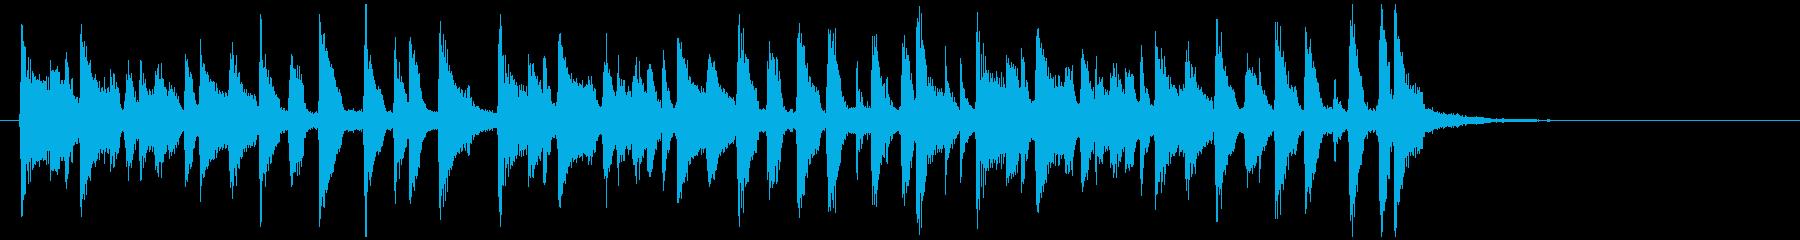 コミカルで元気が出るメロディーの再生済みの波形